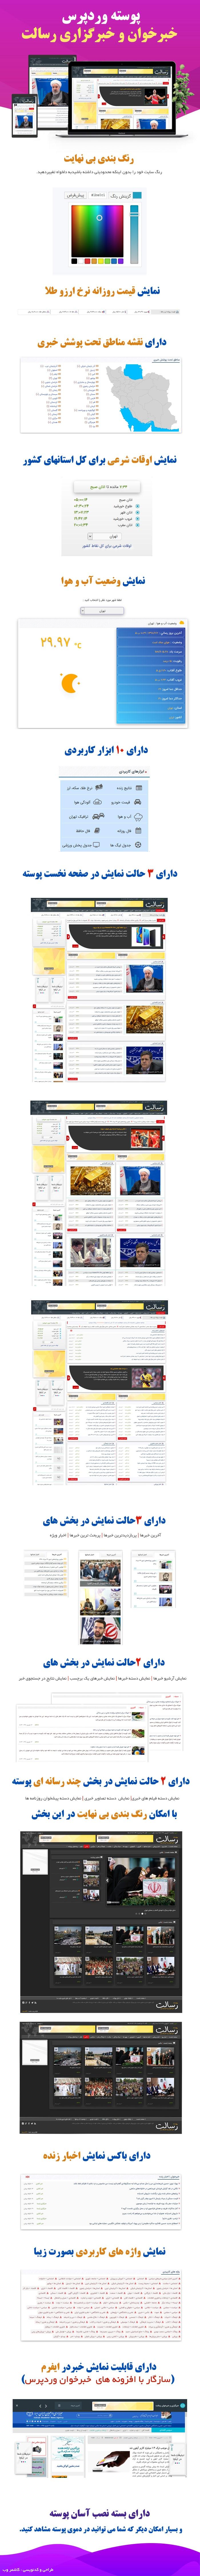 قالب خبری و خبرخوان رسالت پوسته وردپرس ایرانی